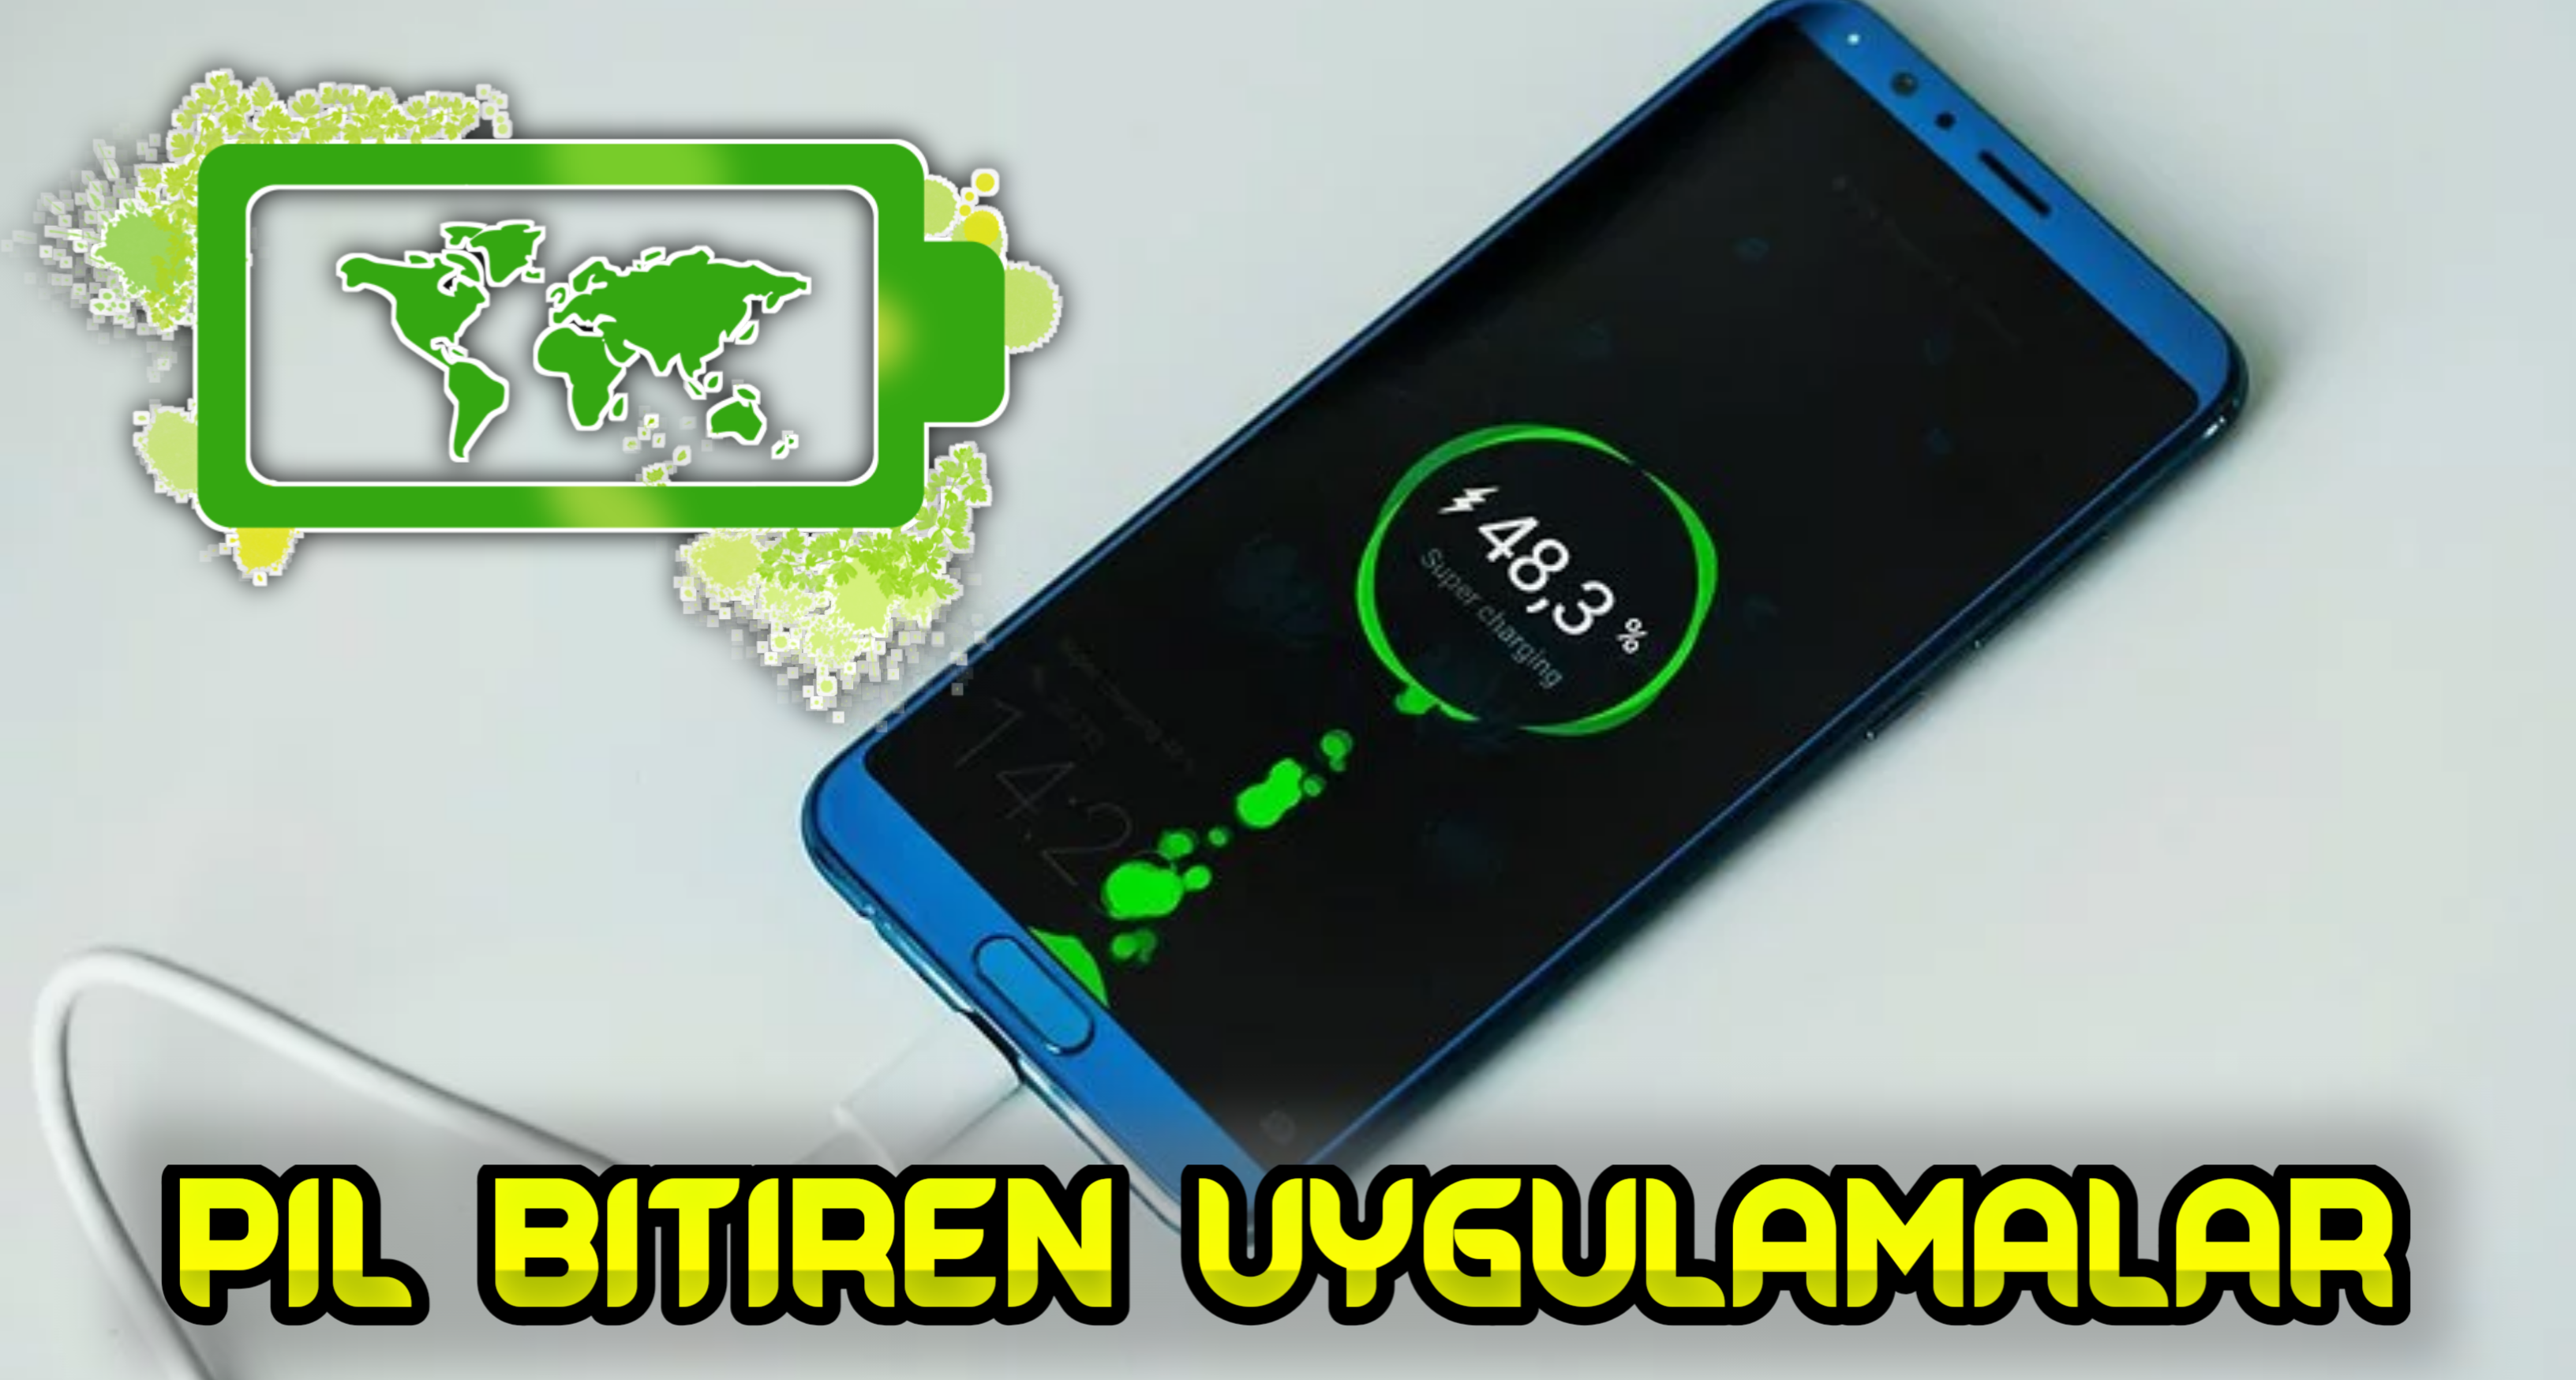 Akıllı Telefonun Pilini En Fazla Tüketenler ve Çözüm Yöntemleri